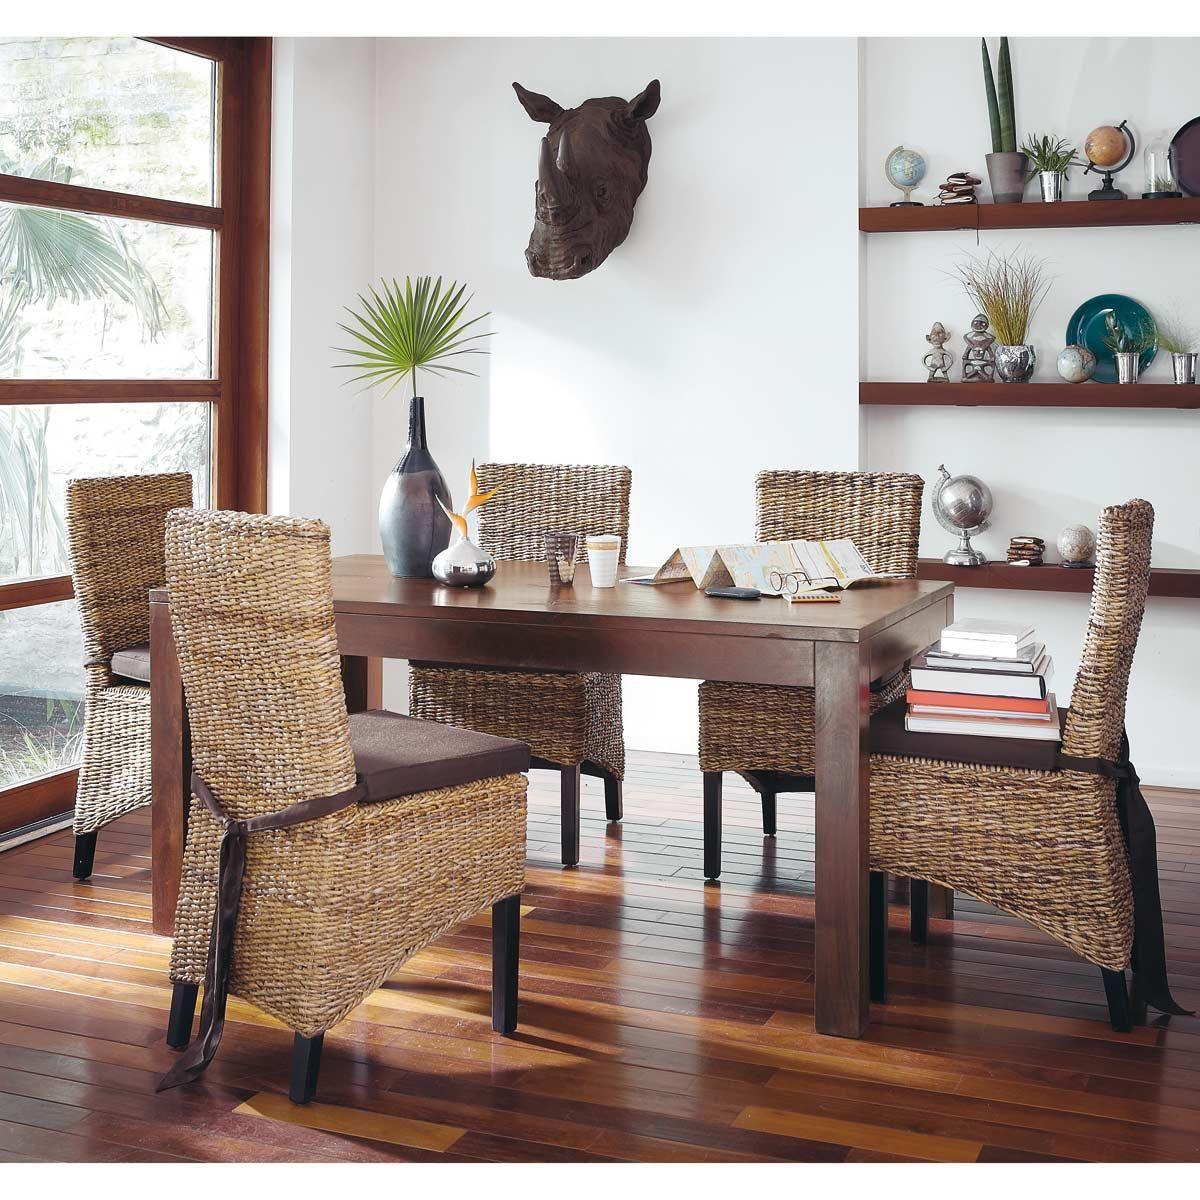 Tables et bureaux | Table salle à manger, Deco maison du ...